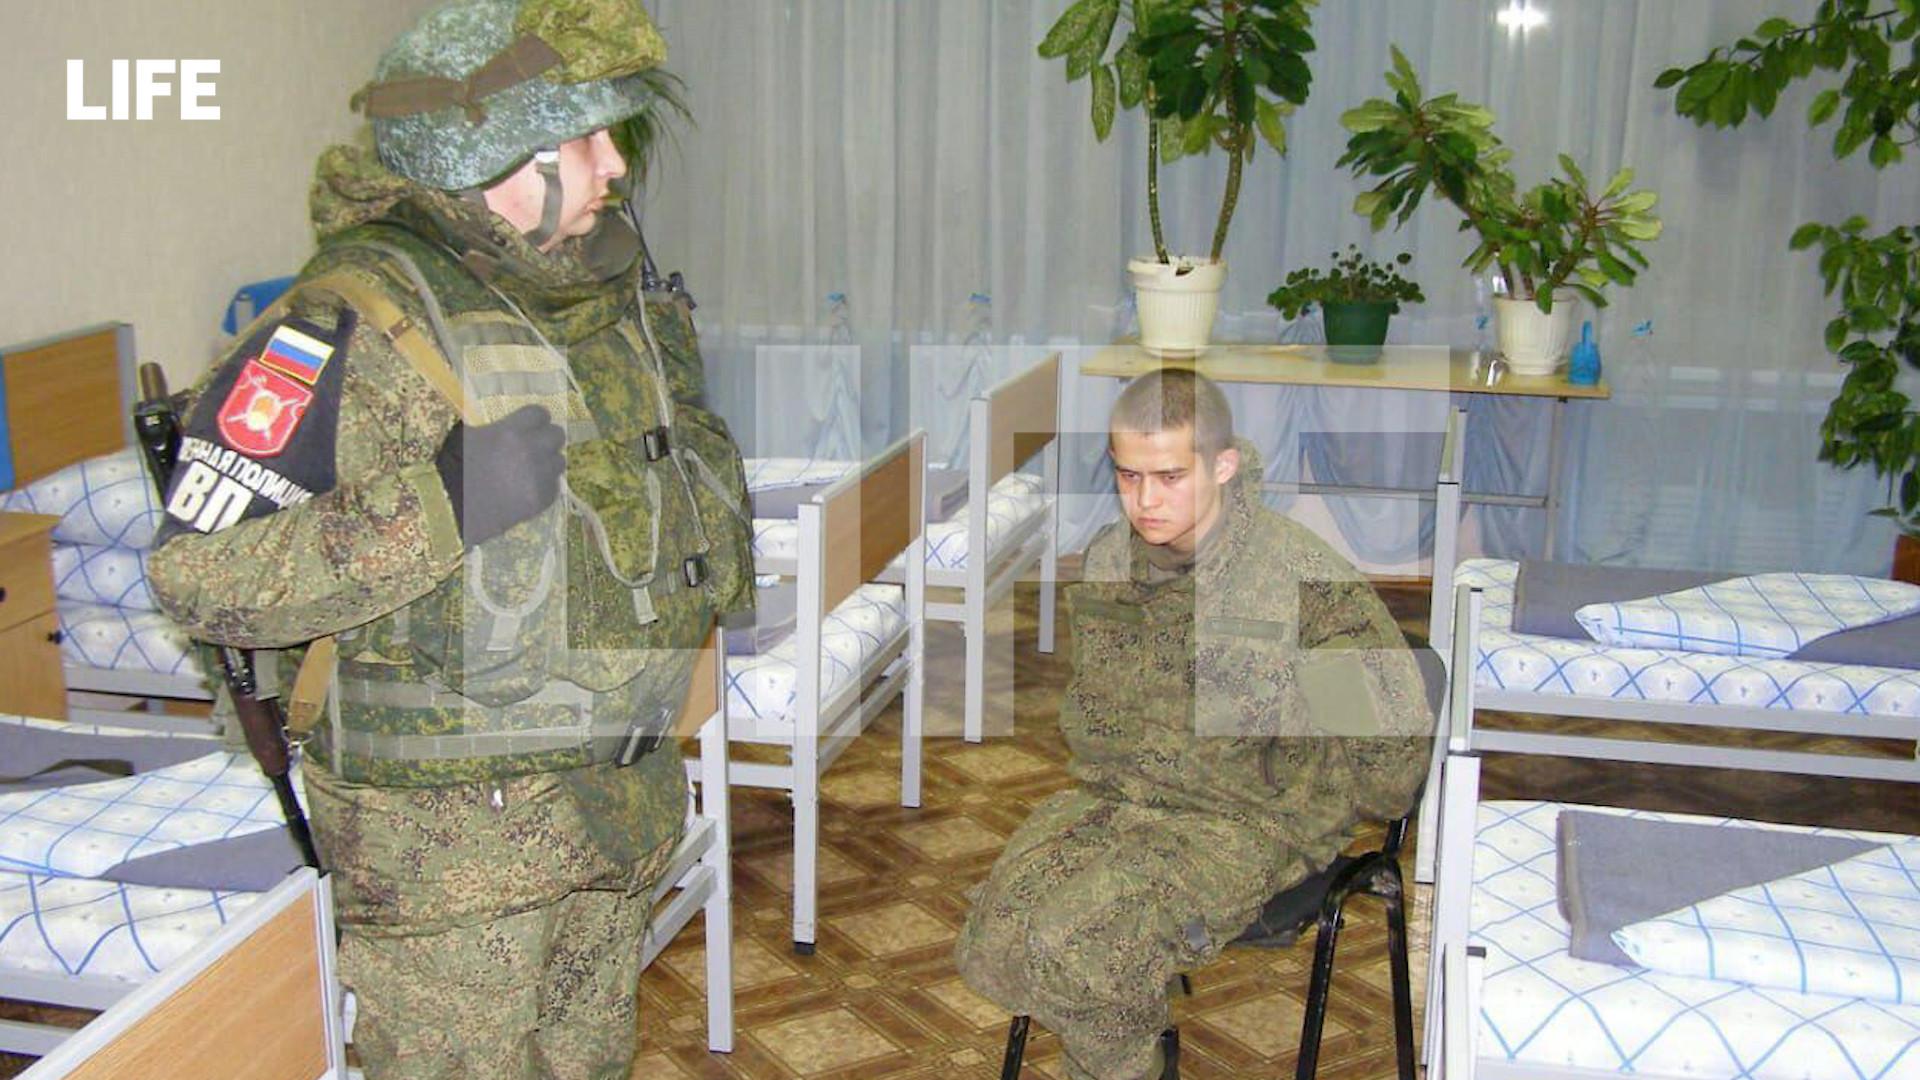 Задержанный стрелок Шамсутдинов. Фото © LIFE